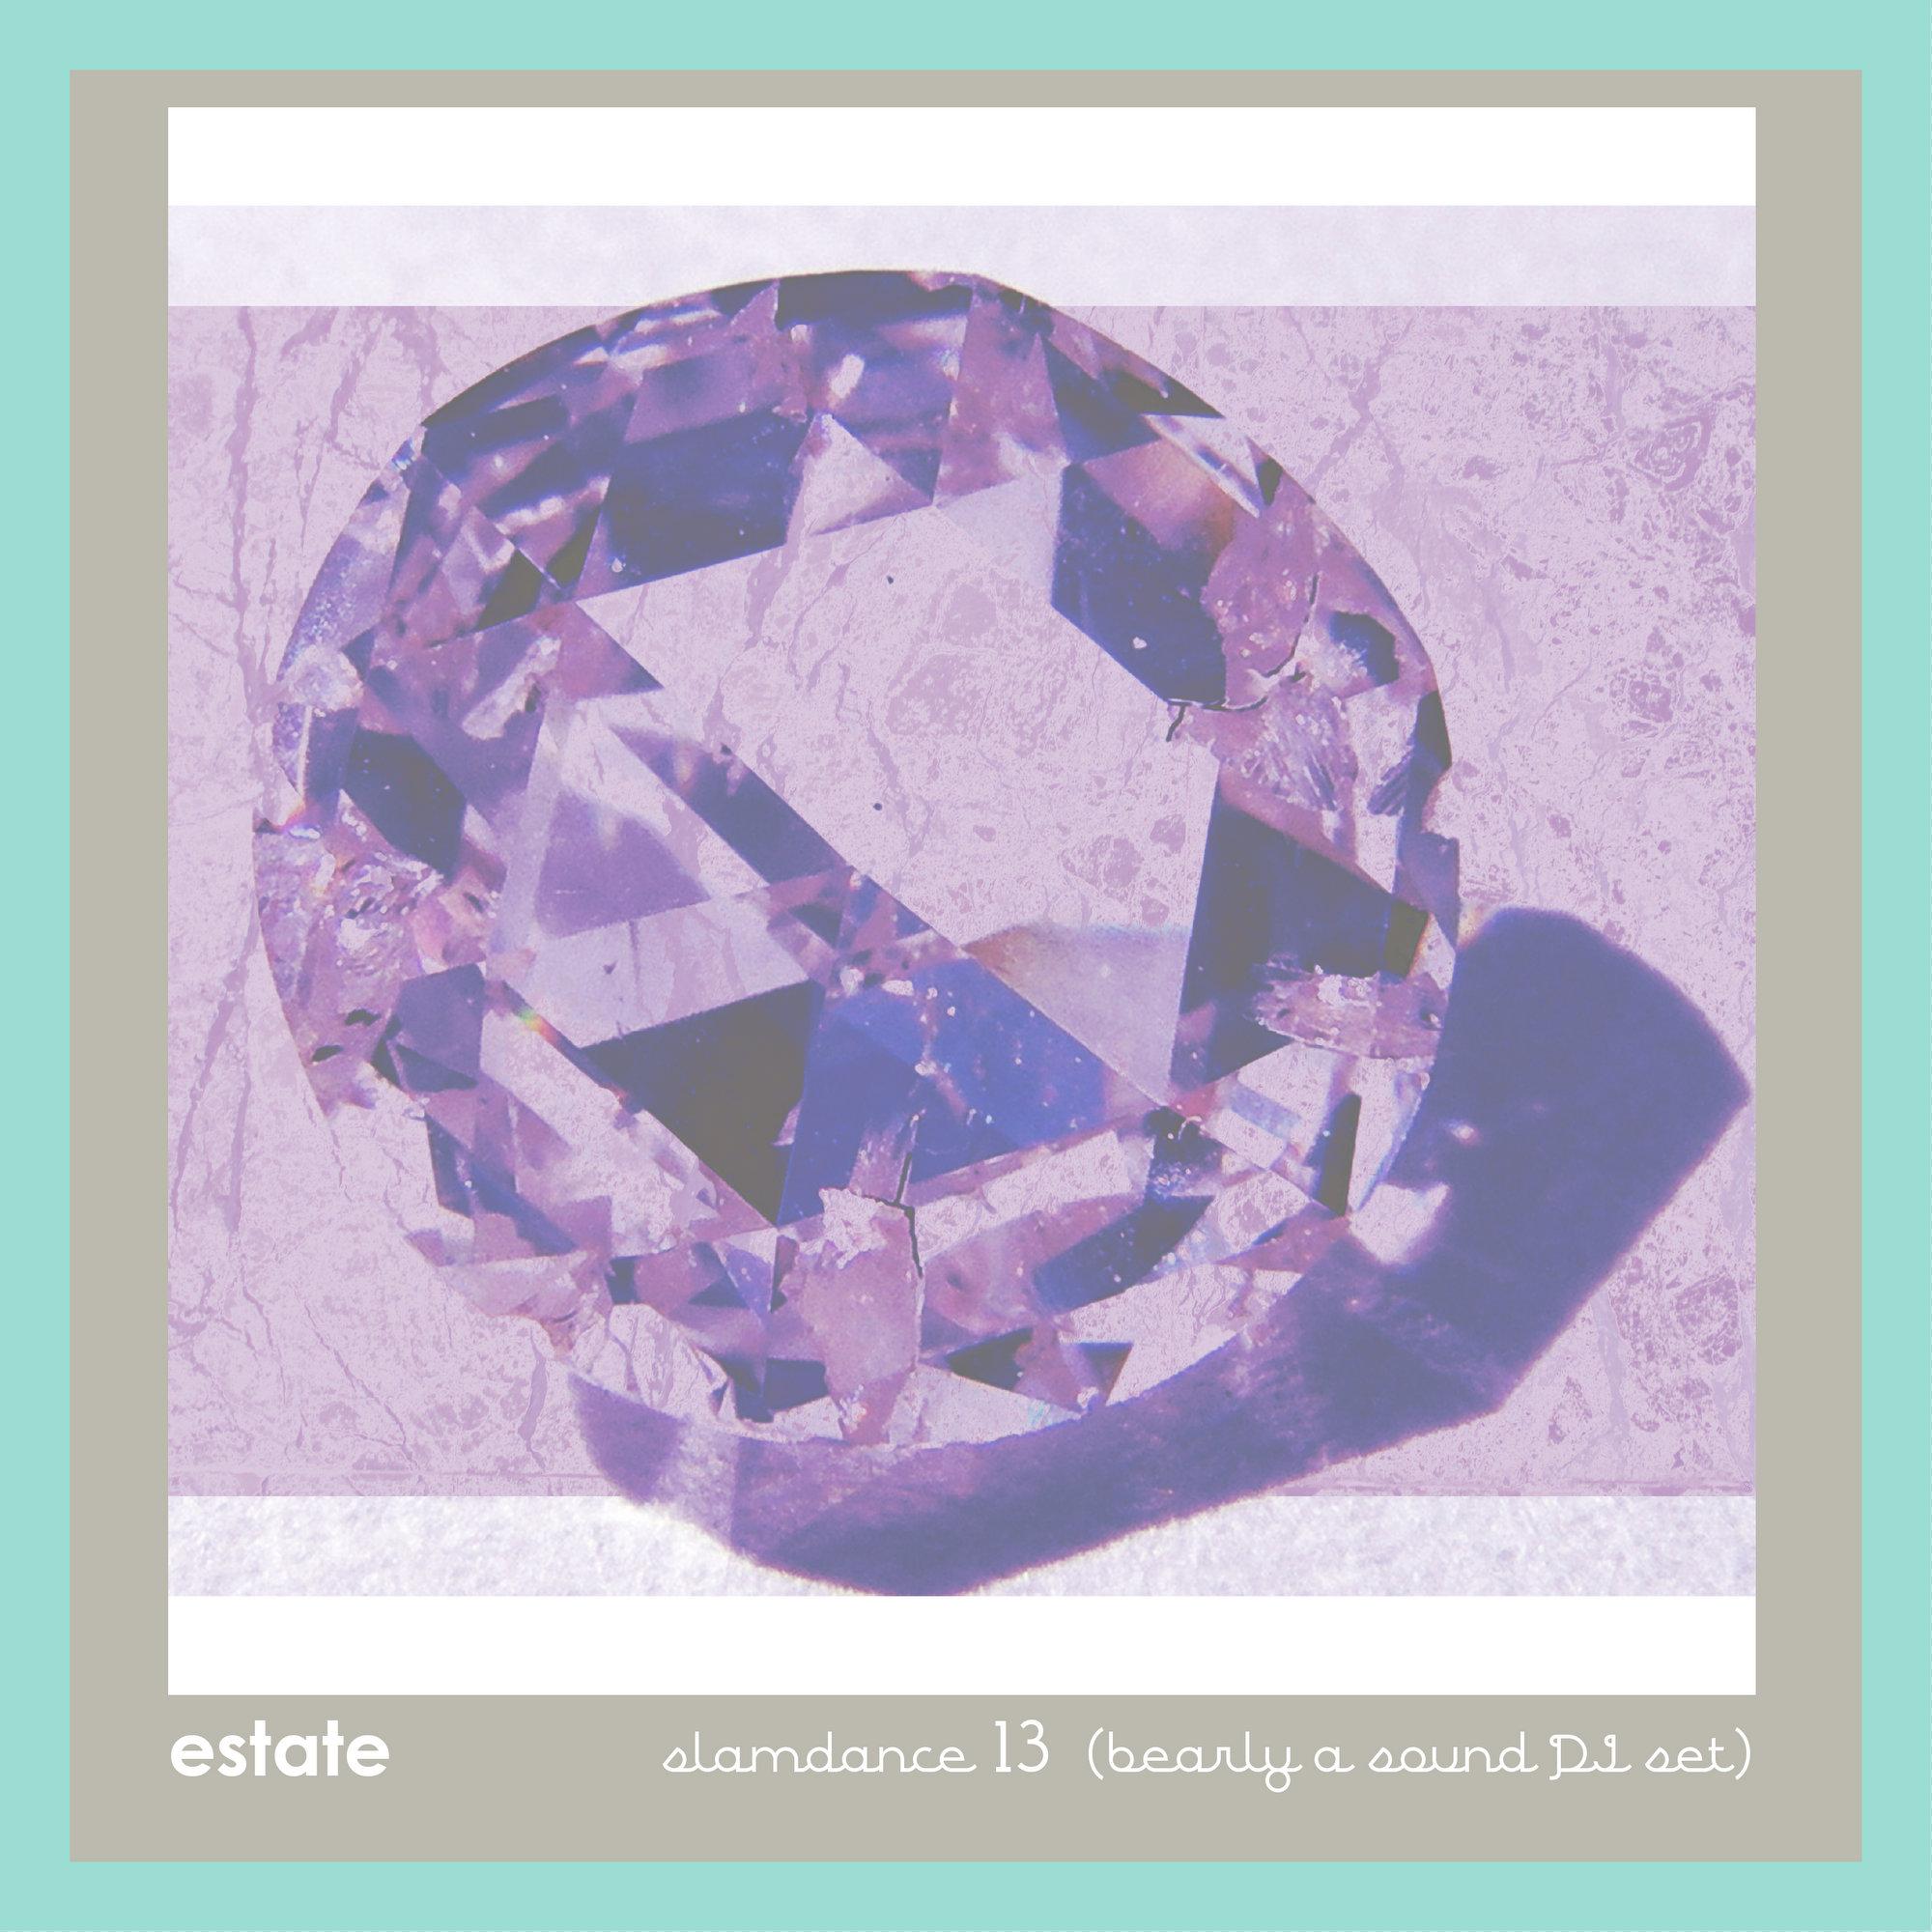 slamdance 13 diamonds.jpg